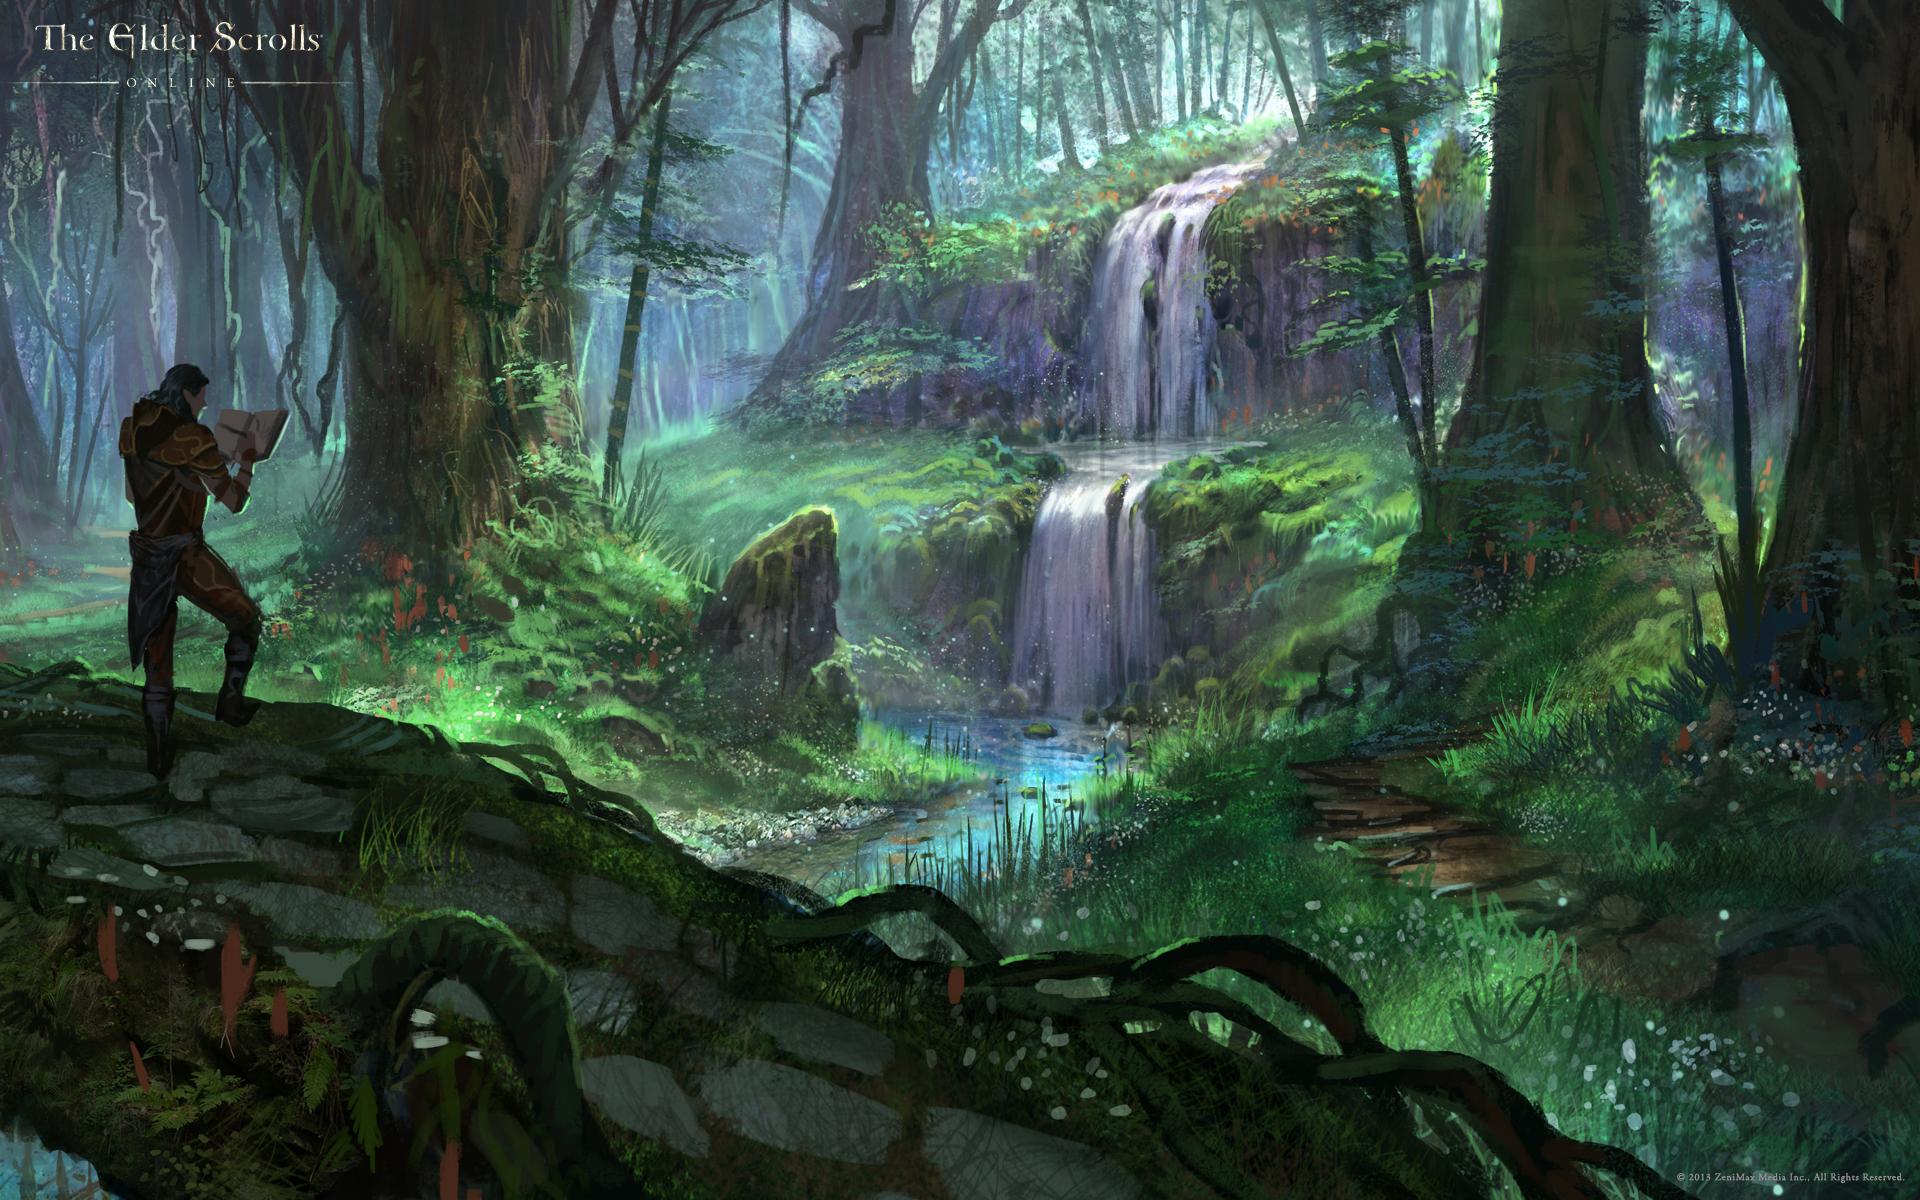 Посещение уединенного водопада в Гратвуде